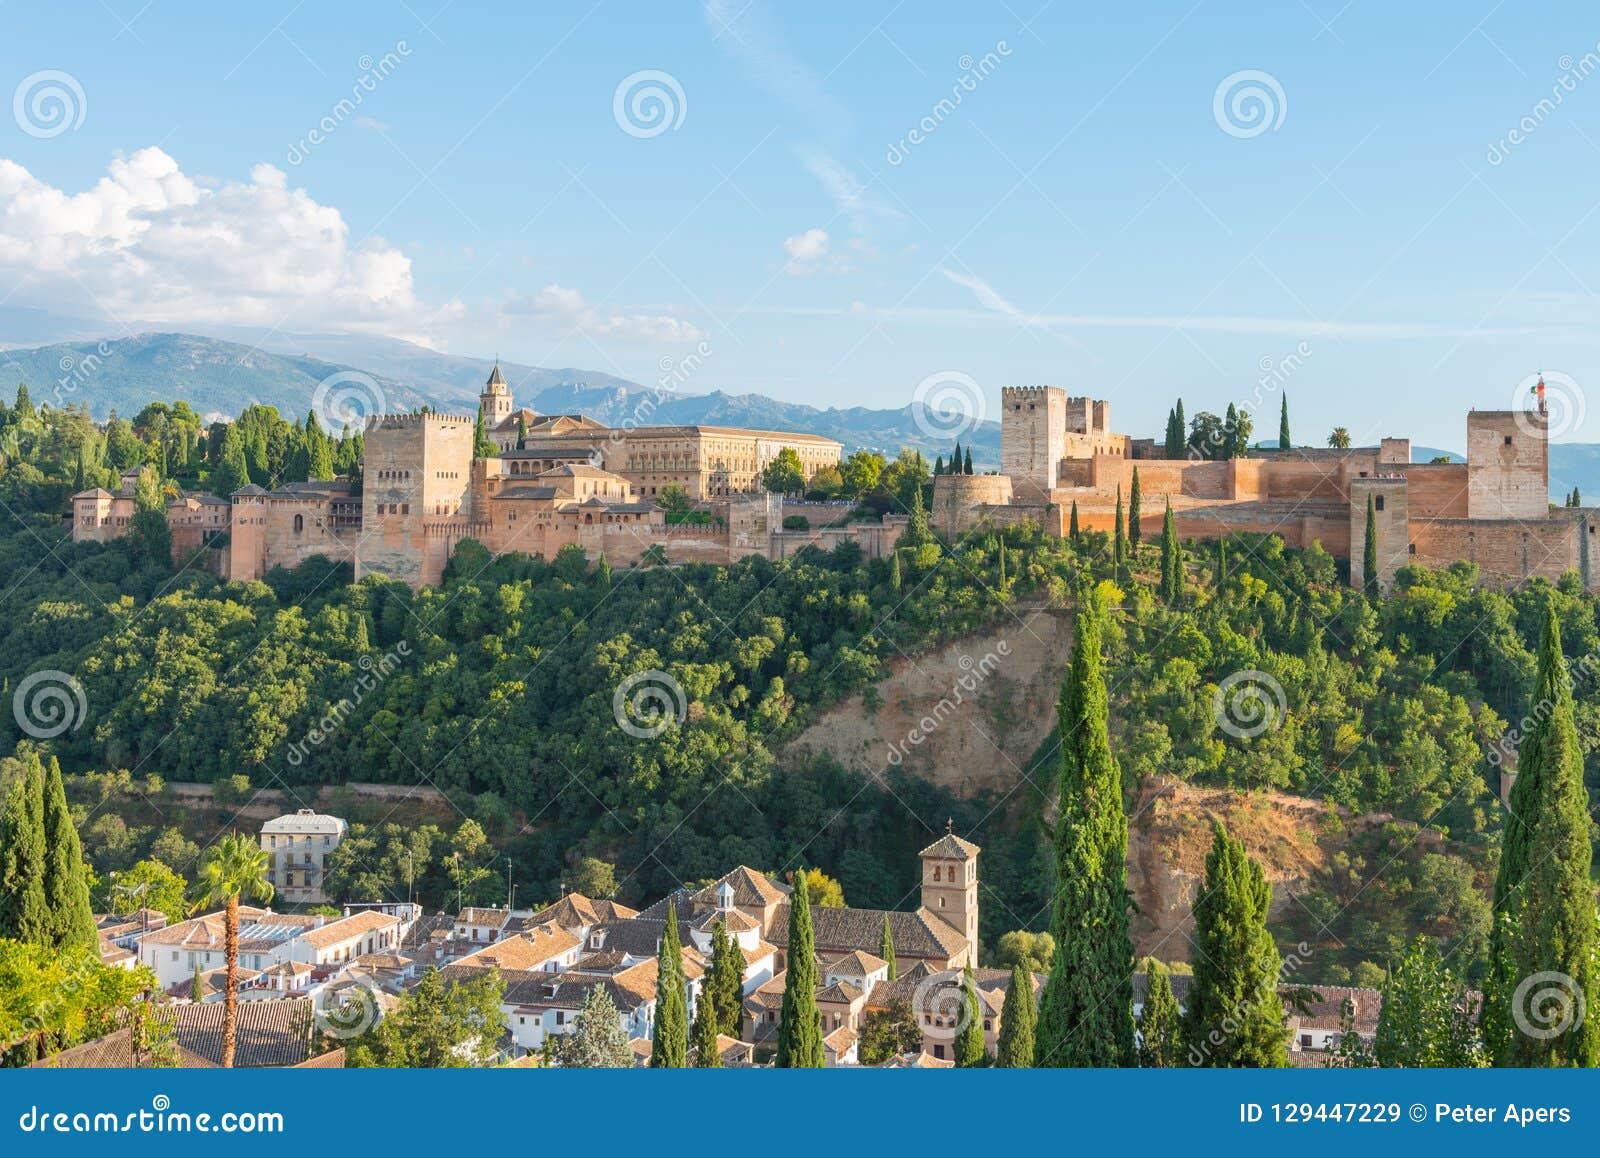 Nasrid Palaces and Alcazaba, Alhambra and Albaicin, Granada